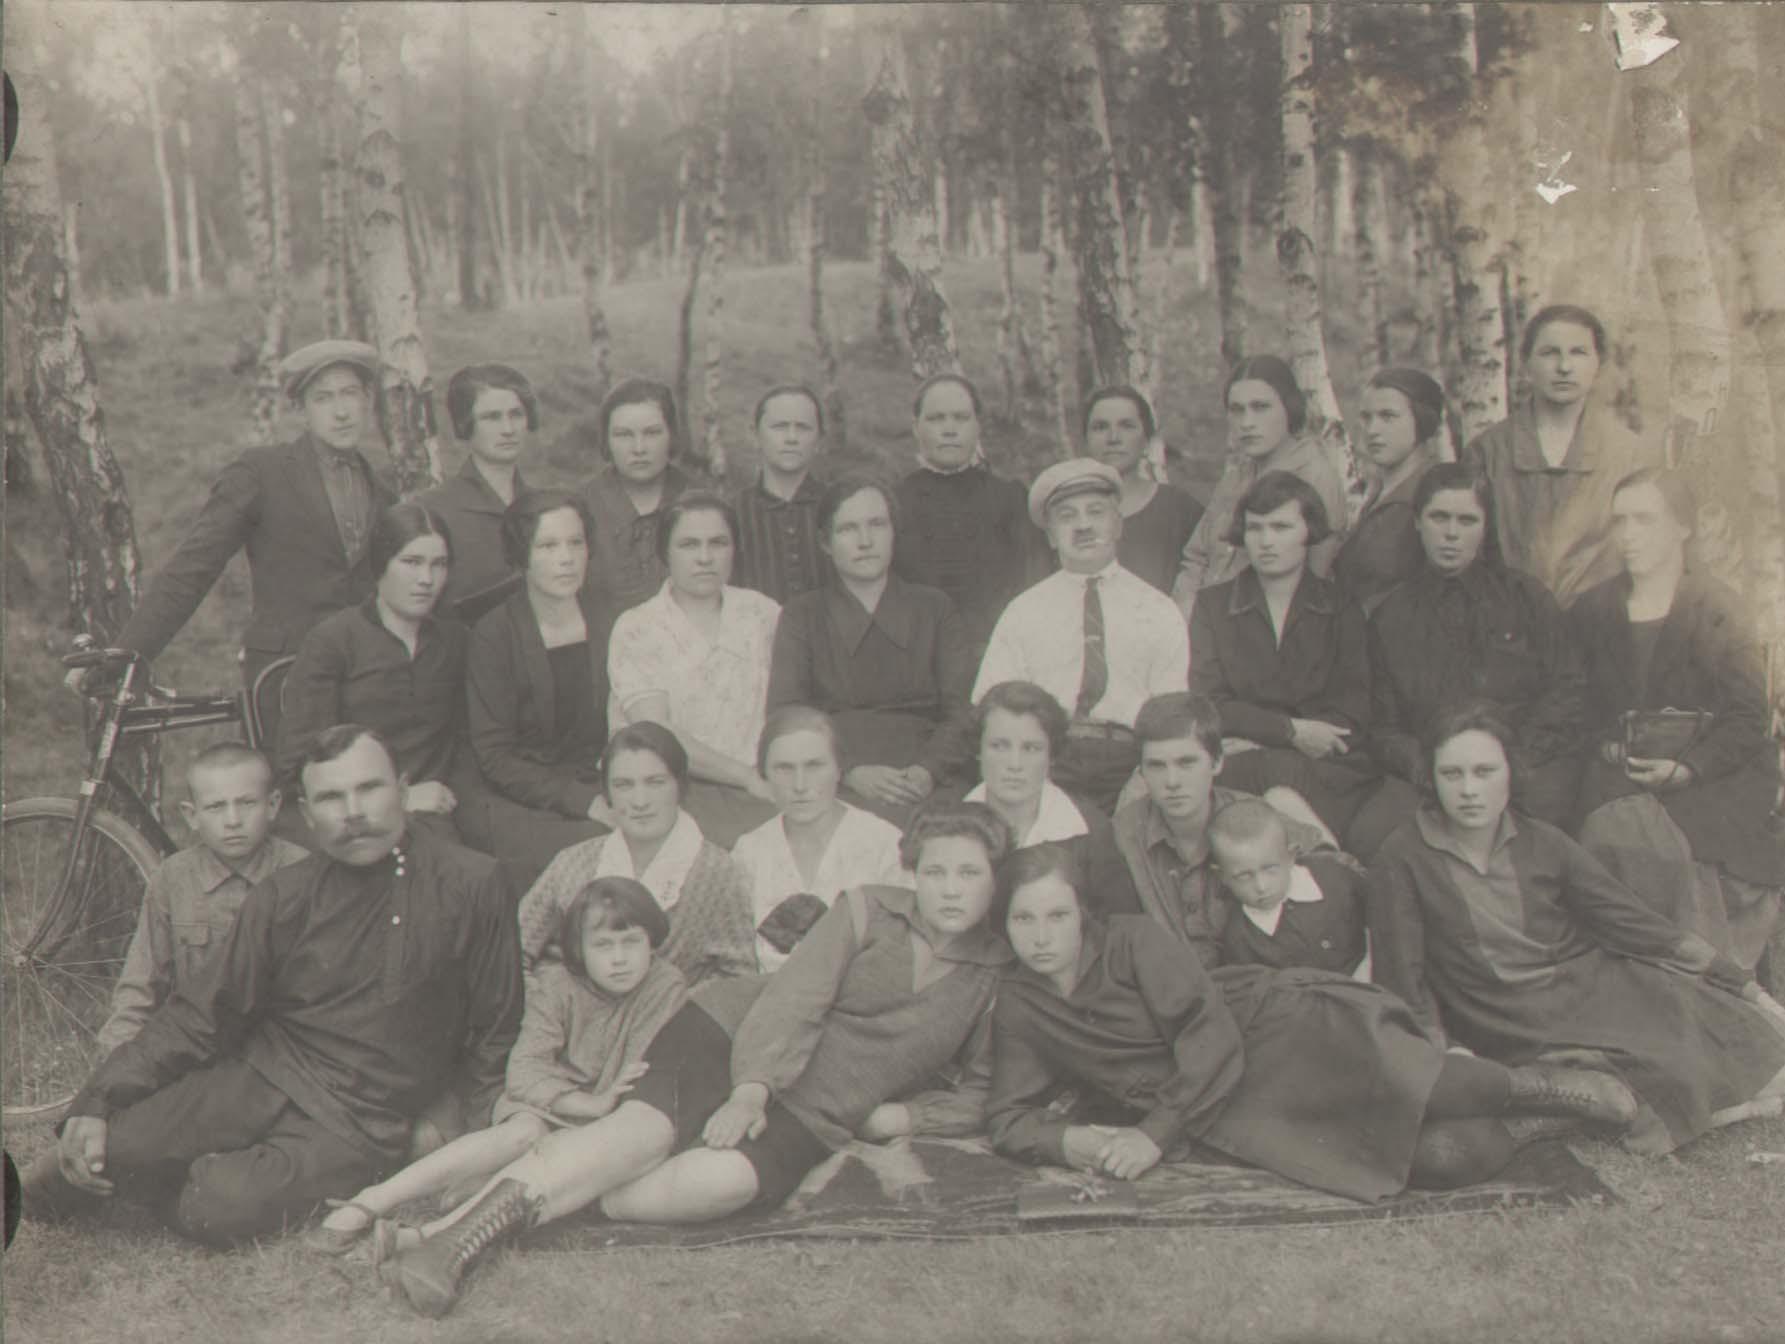 Группа людей на циклодроне (тогда так назывались стадионы). В верхнем правом углу — Лысенко (Половик) Анна Харитоновна